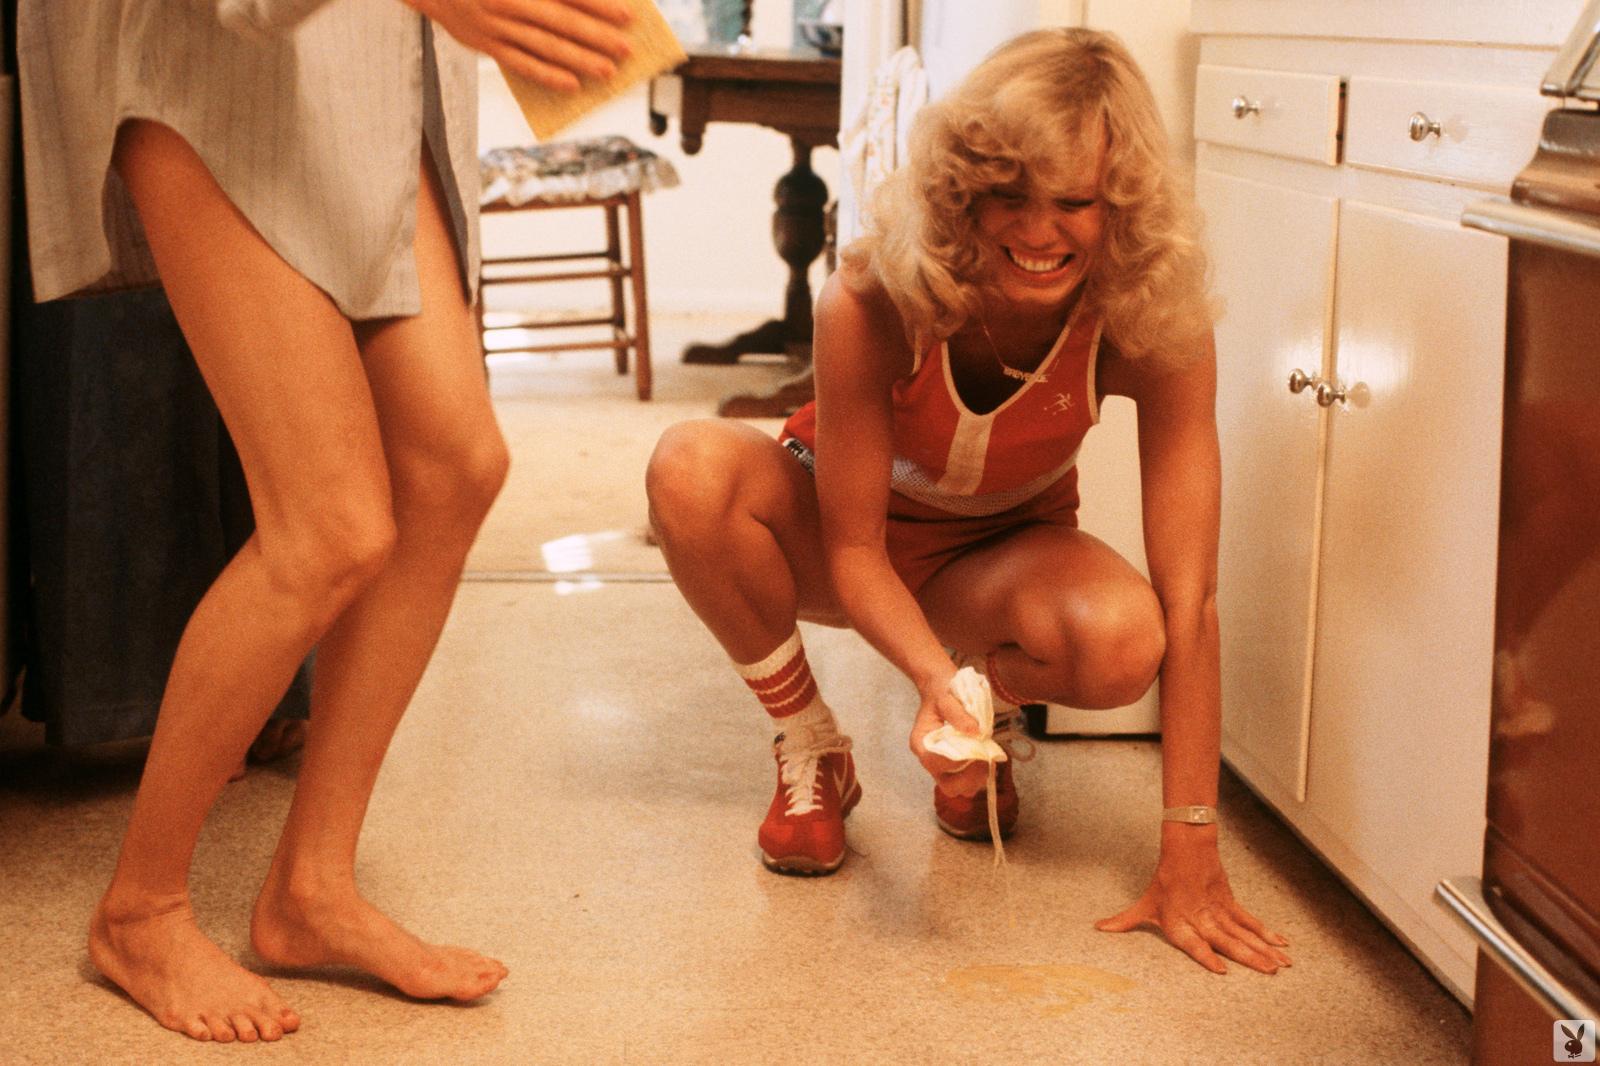 playmate roommates - playmate features - playmates nudes   playboyplus